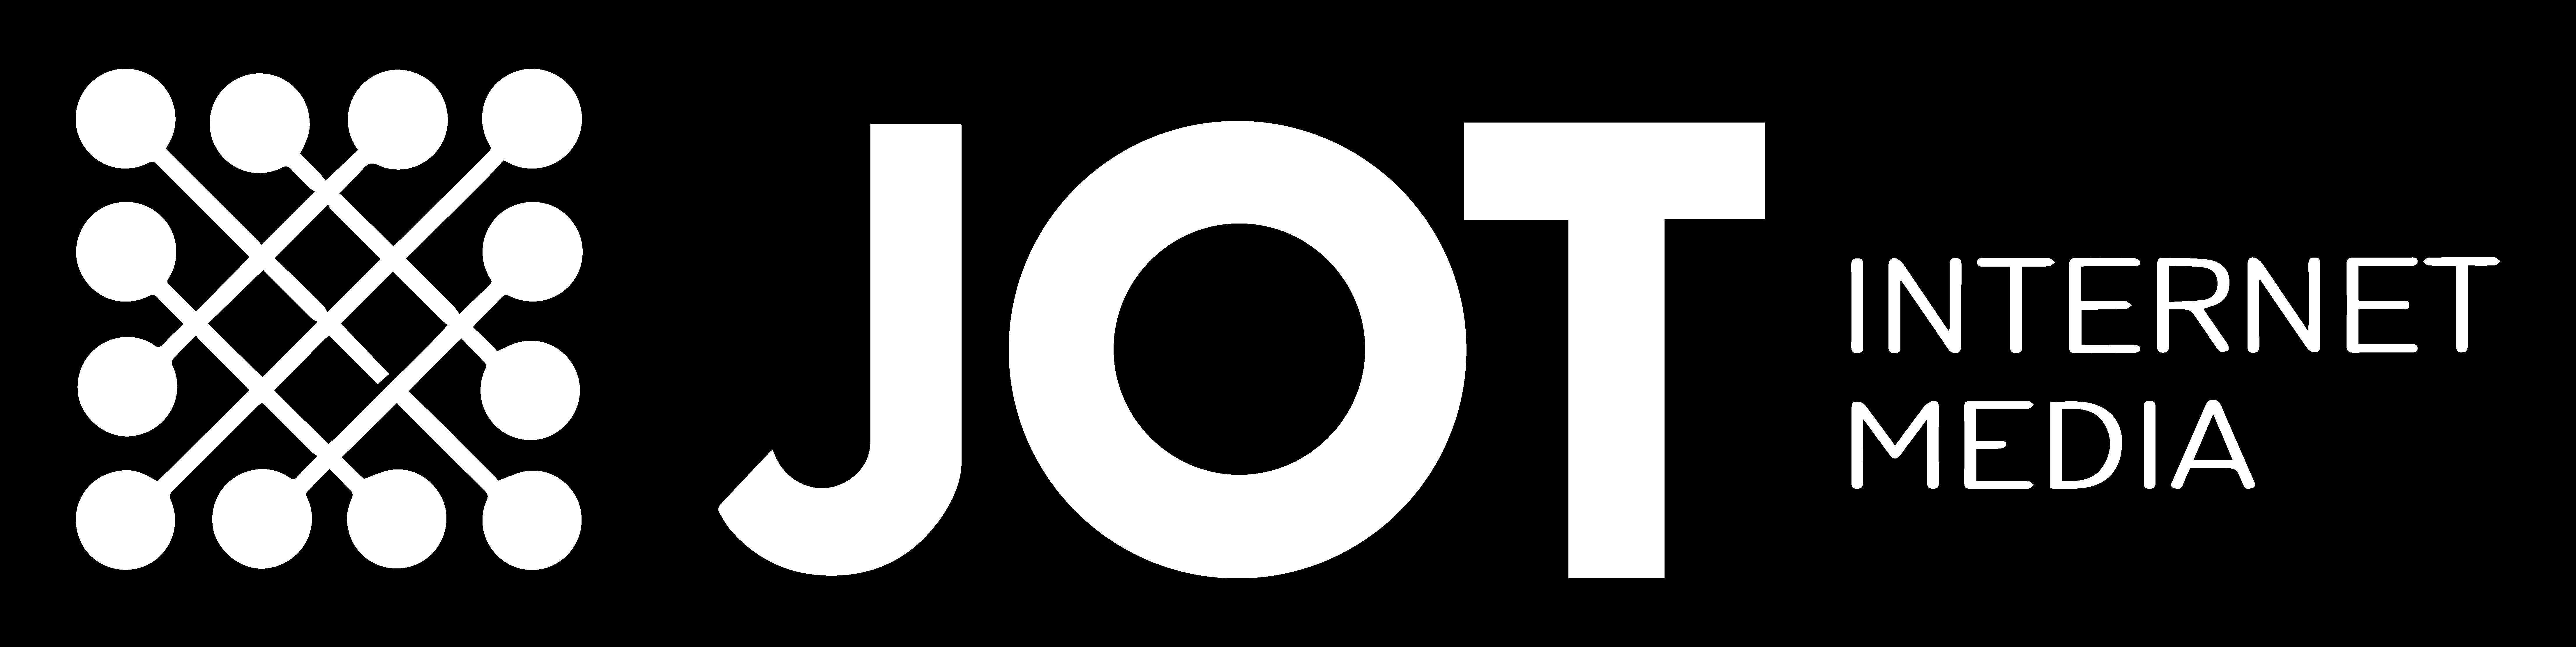 jot-internet-media-white.png